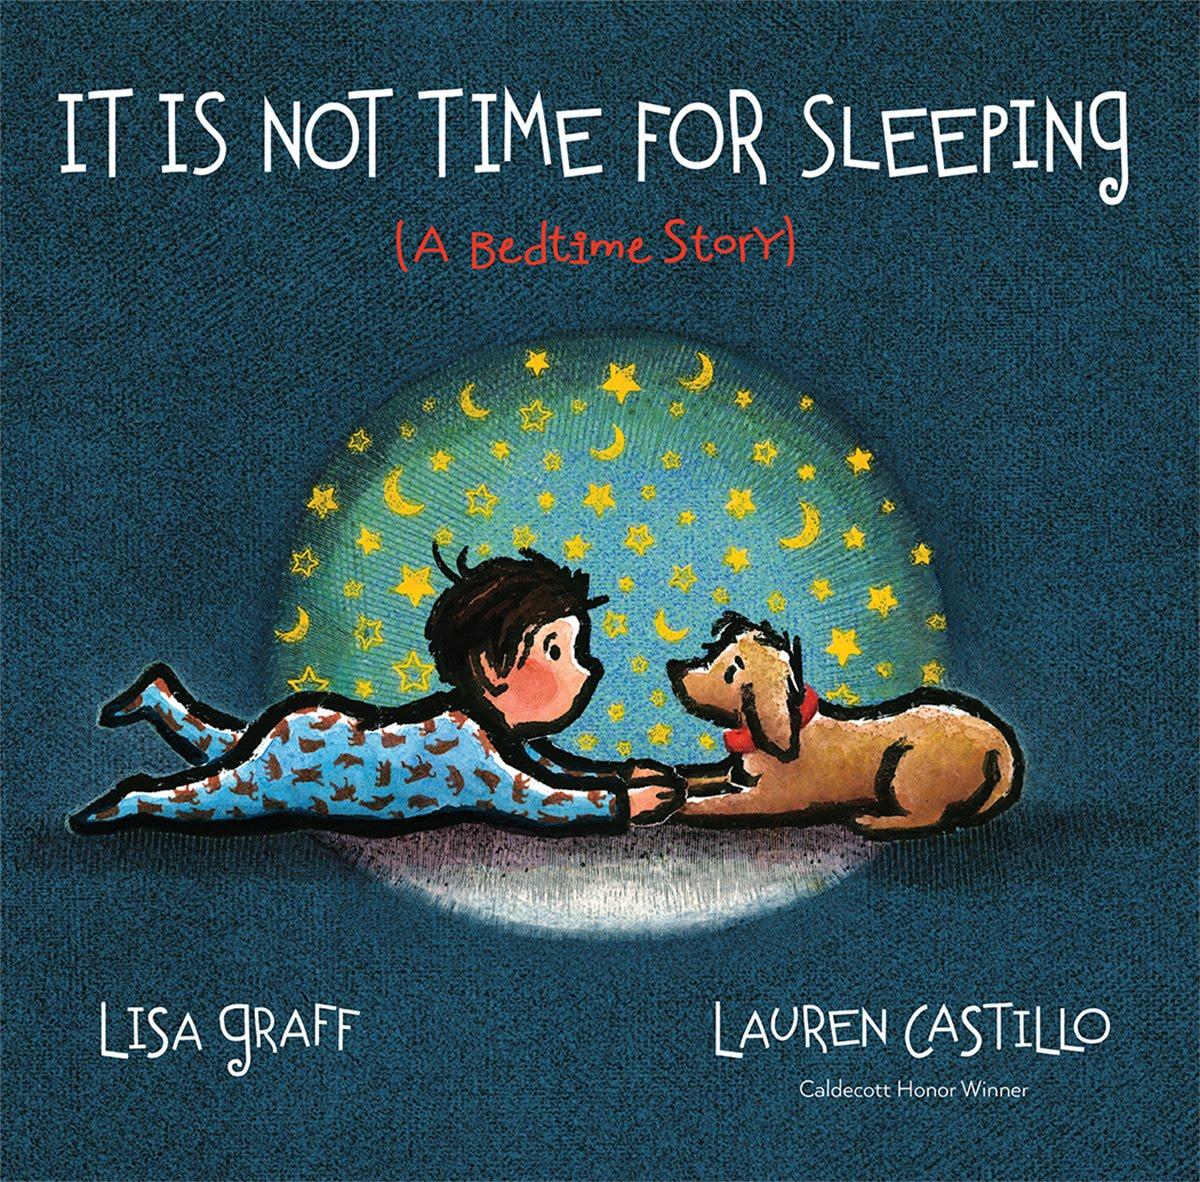 Castillo, Lauren - 2016.11 IT IS NOT TIME FOR SLEEPING - PB - RLM PR.jpg